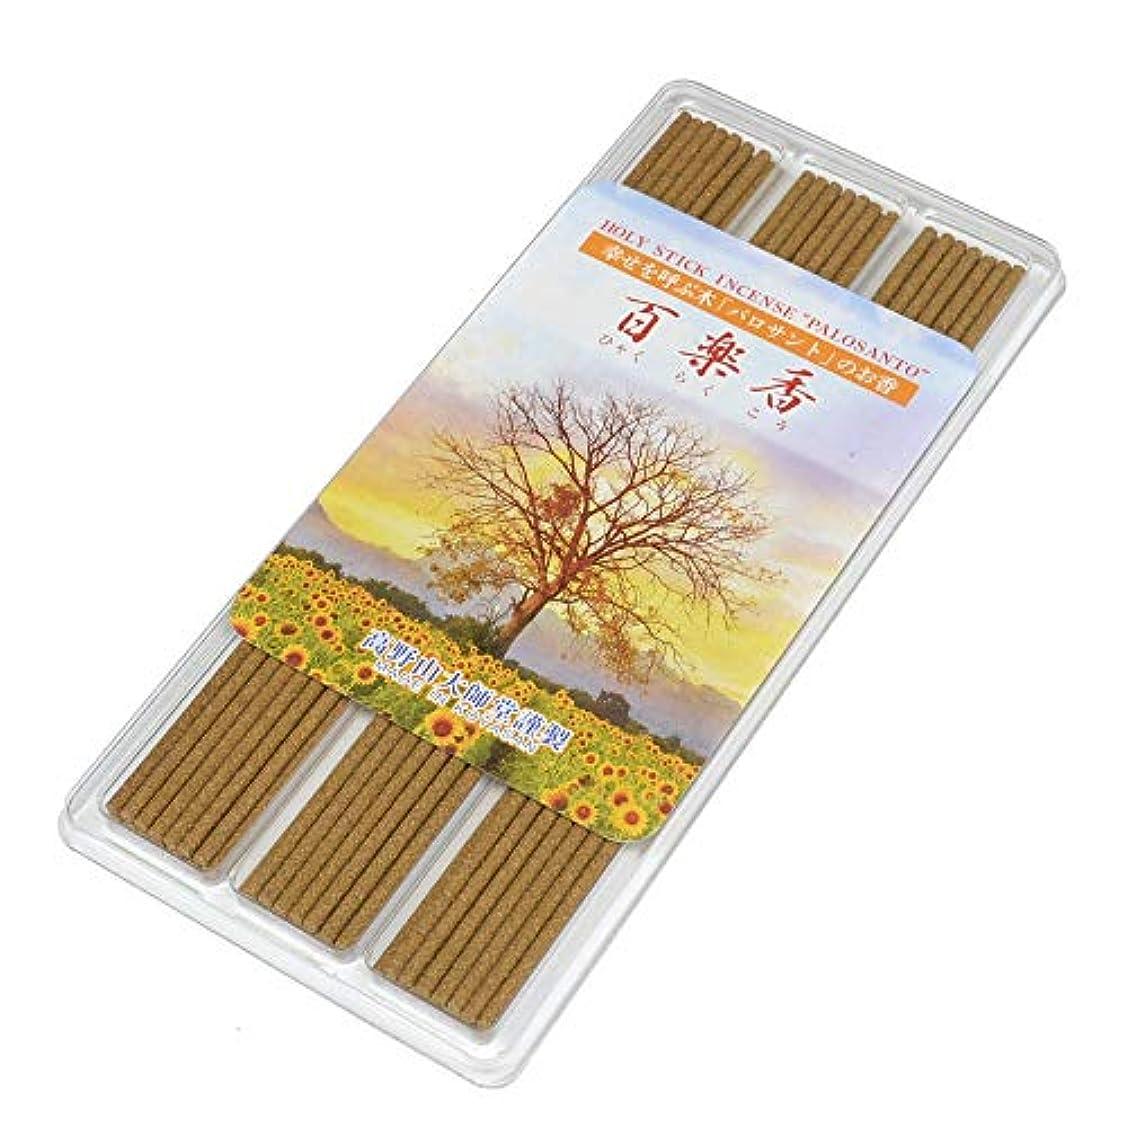 寄り添う干ばつ告白する幸運の木「パロサント」のお香【徳用】Palo Santo Incense